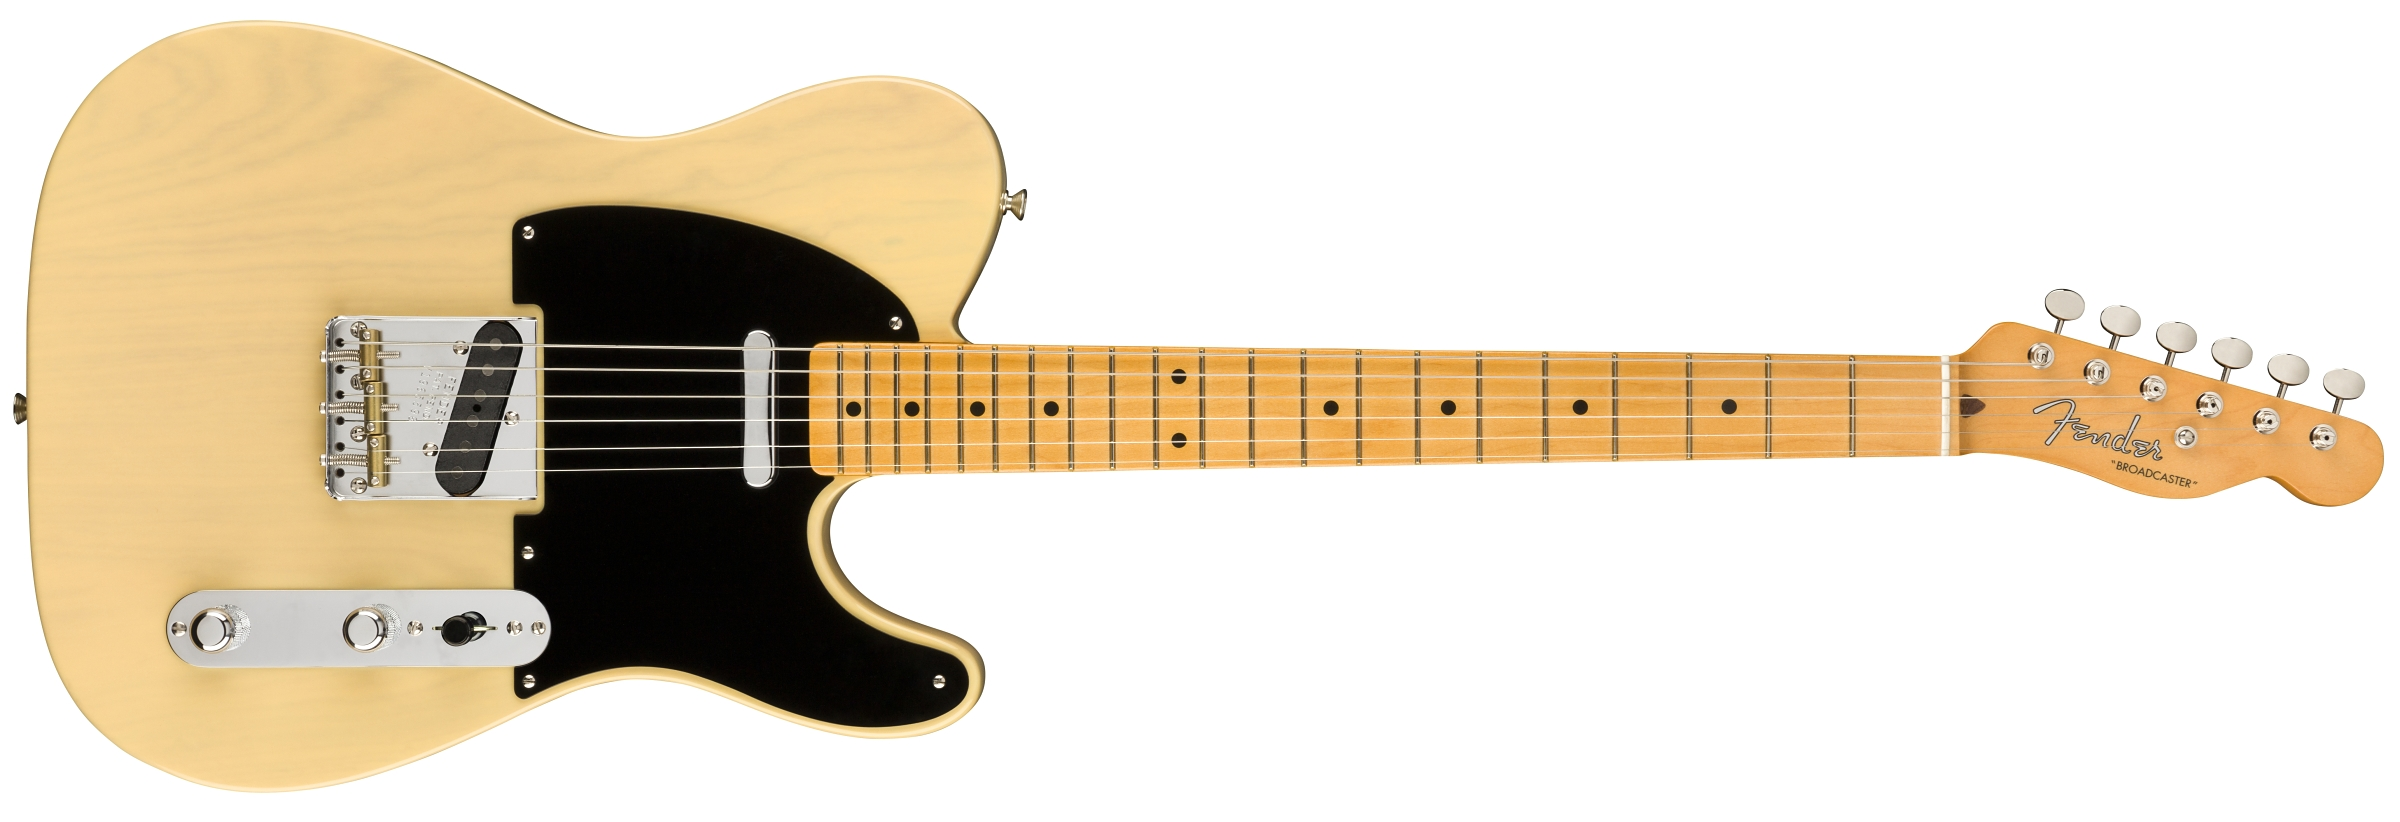 E Gitarren Nut Brass Saiteninstrument Zubehör